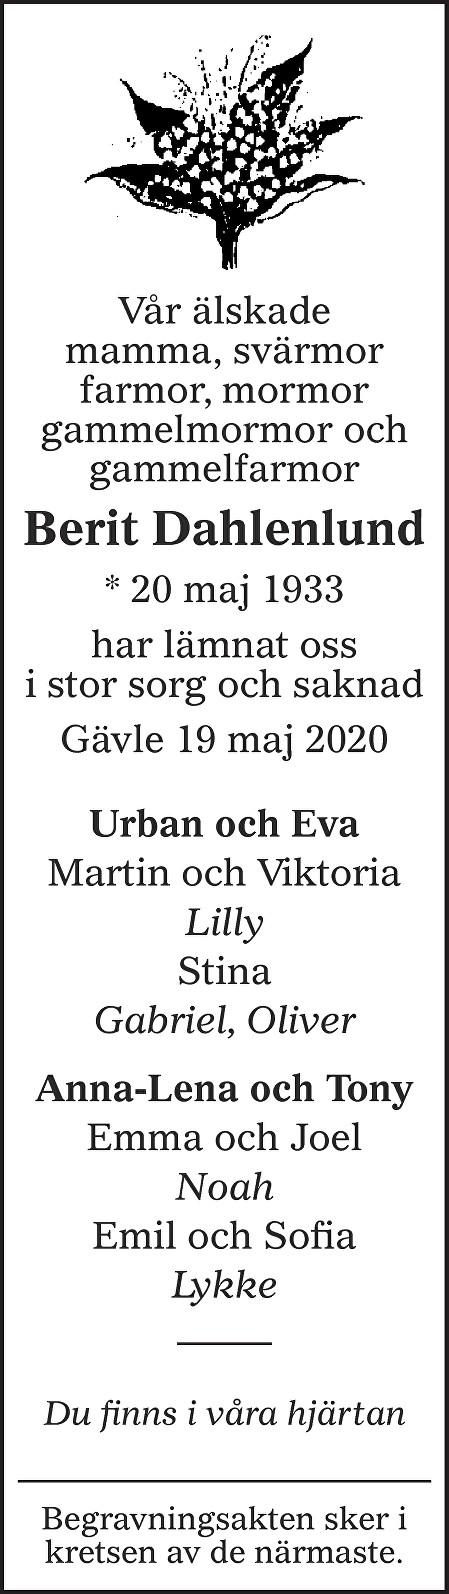 Berit Dahlenlund Death notice